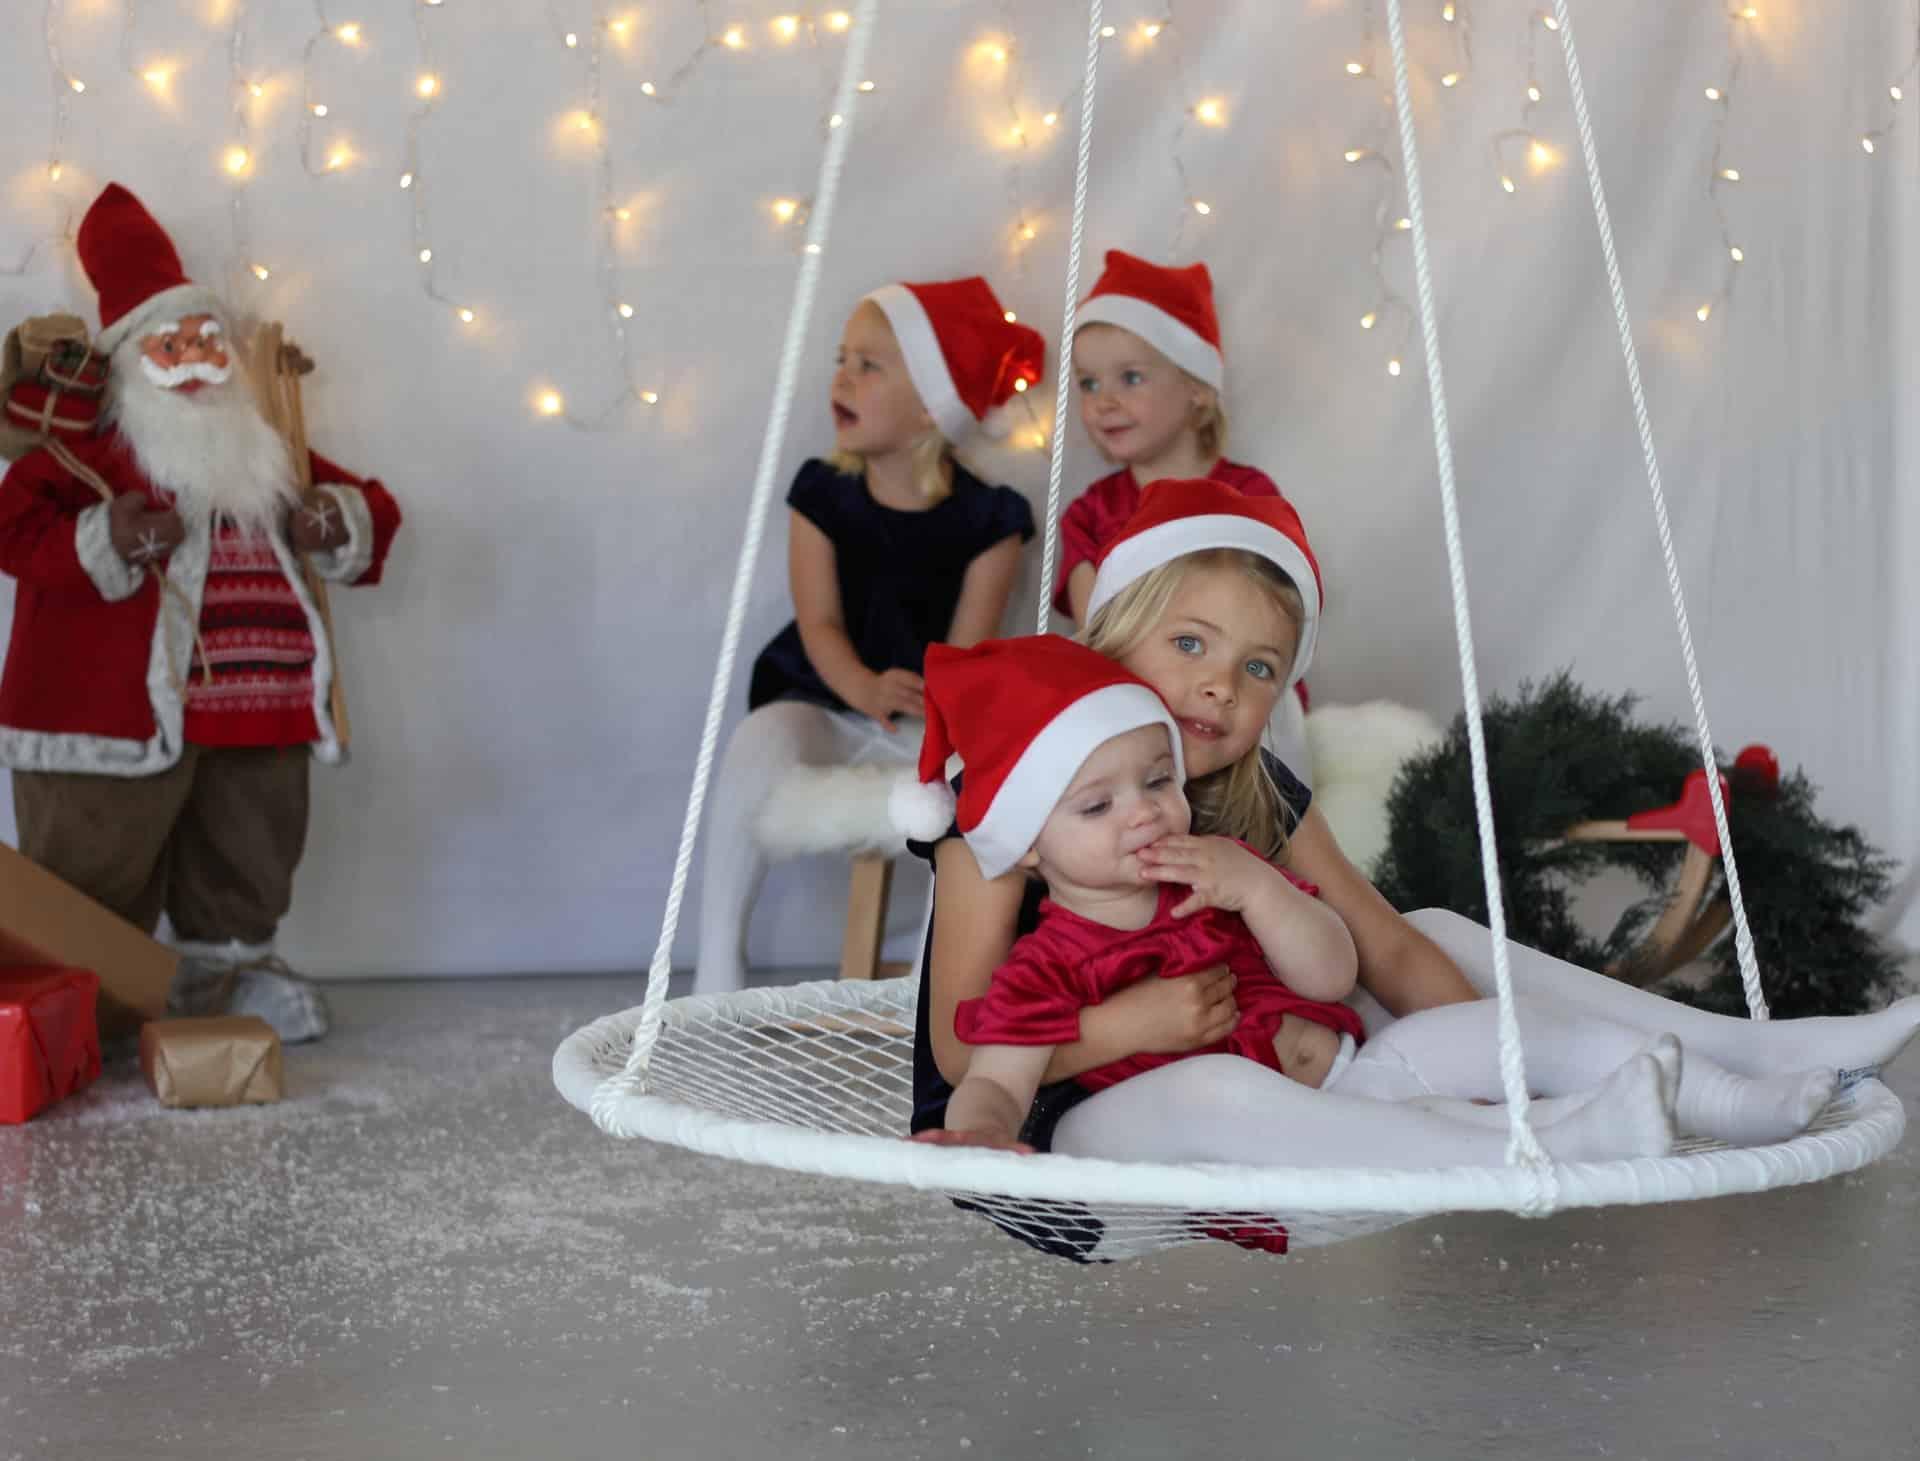 Sansegynge julegaver til børn